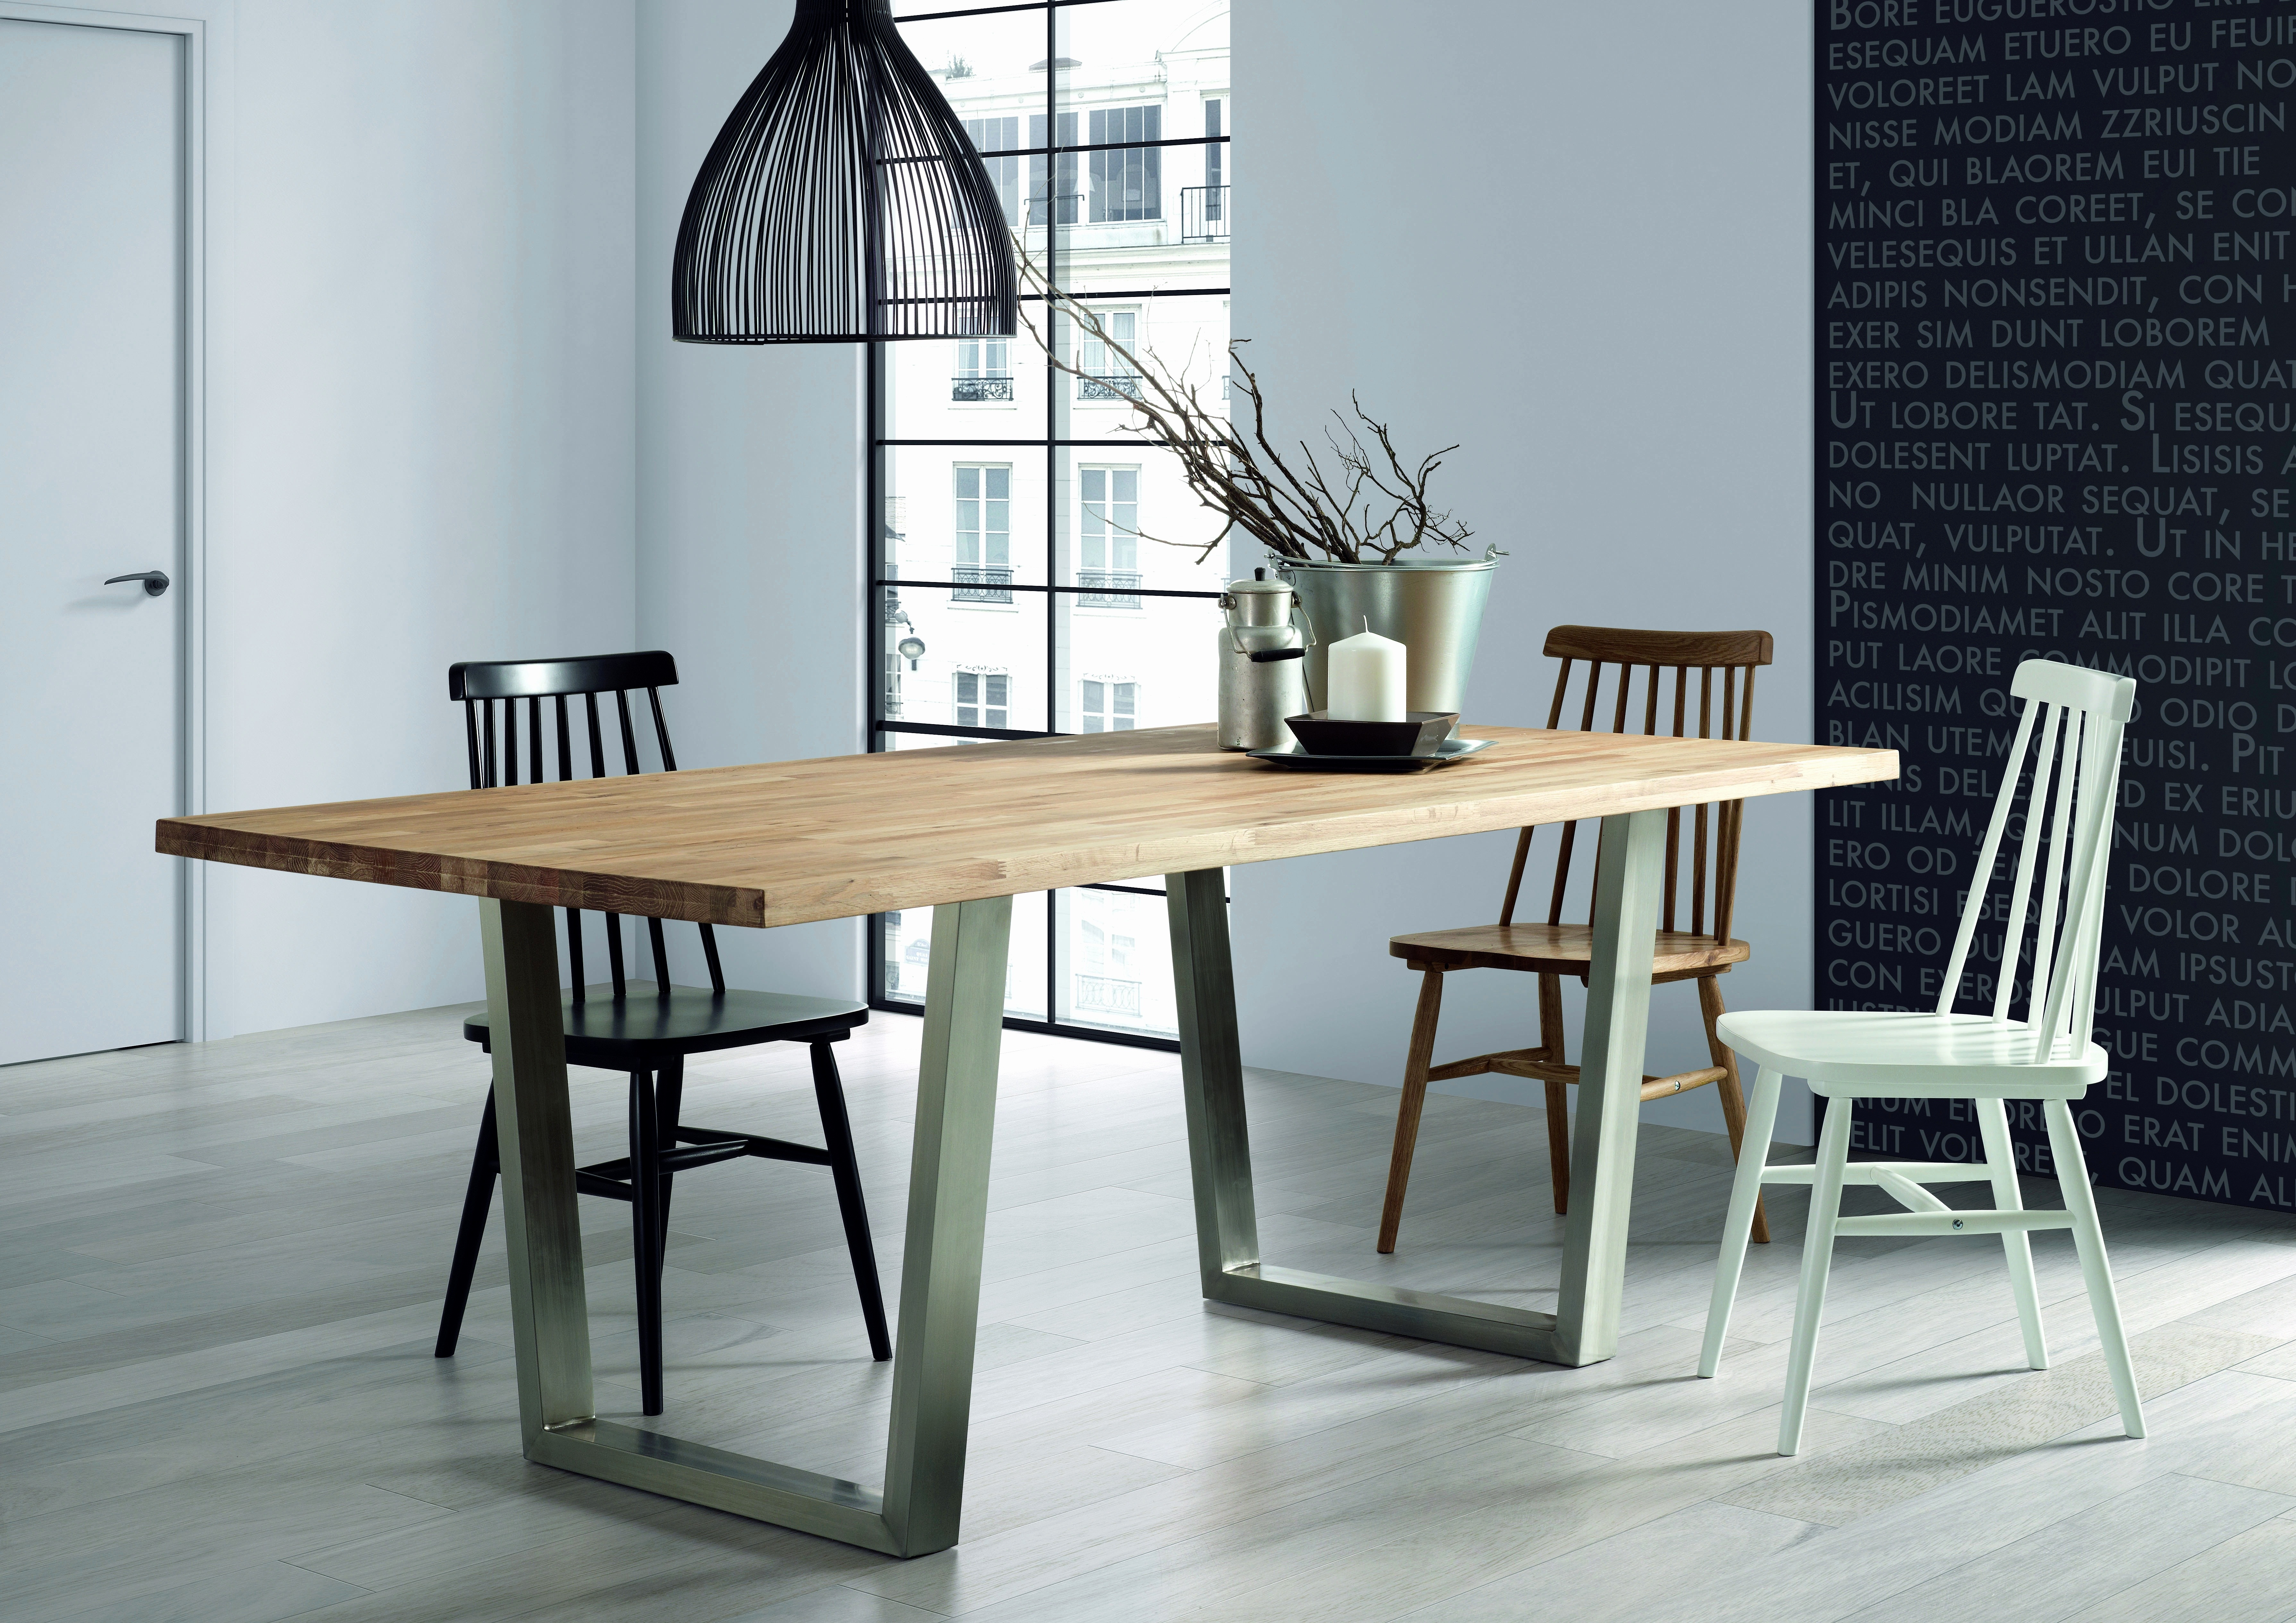 Petite Table Pliante Gifi Nouveau Galerie Gifi Chaise De Jardin Pour formidable Les 20 Meilleur Chaise Pliante